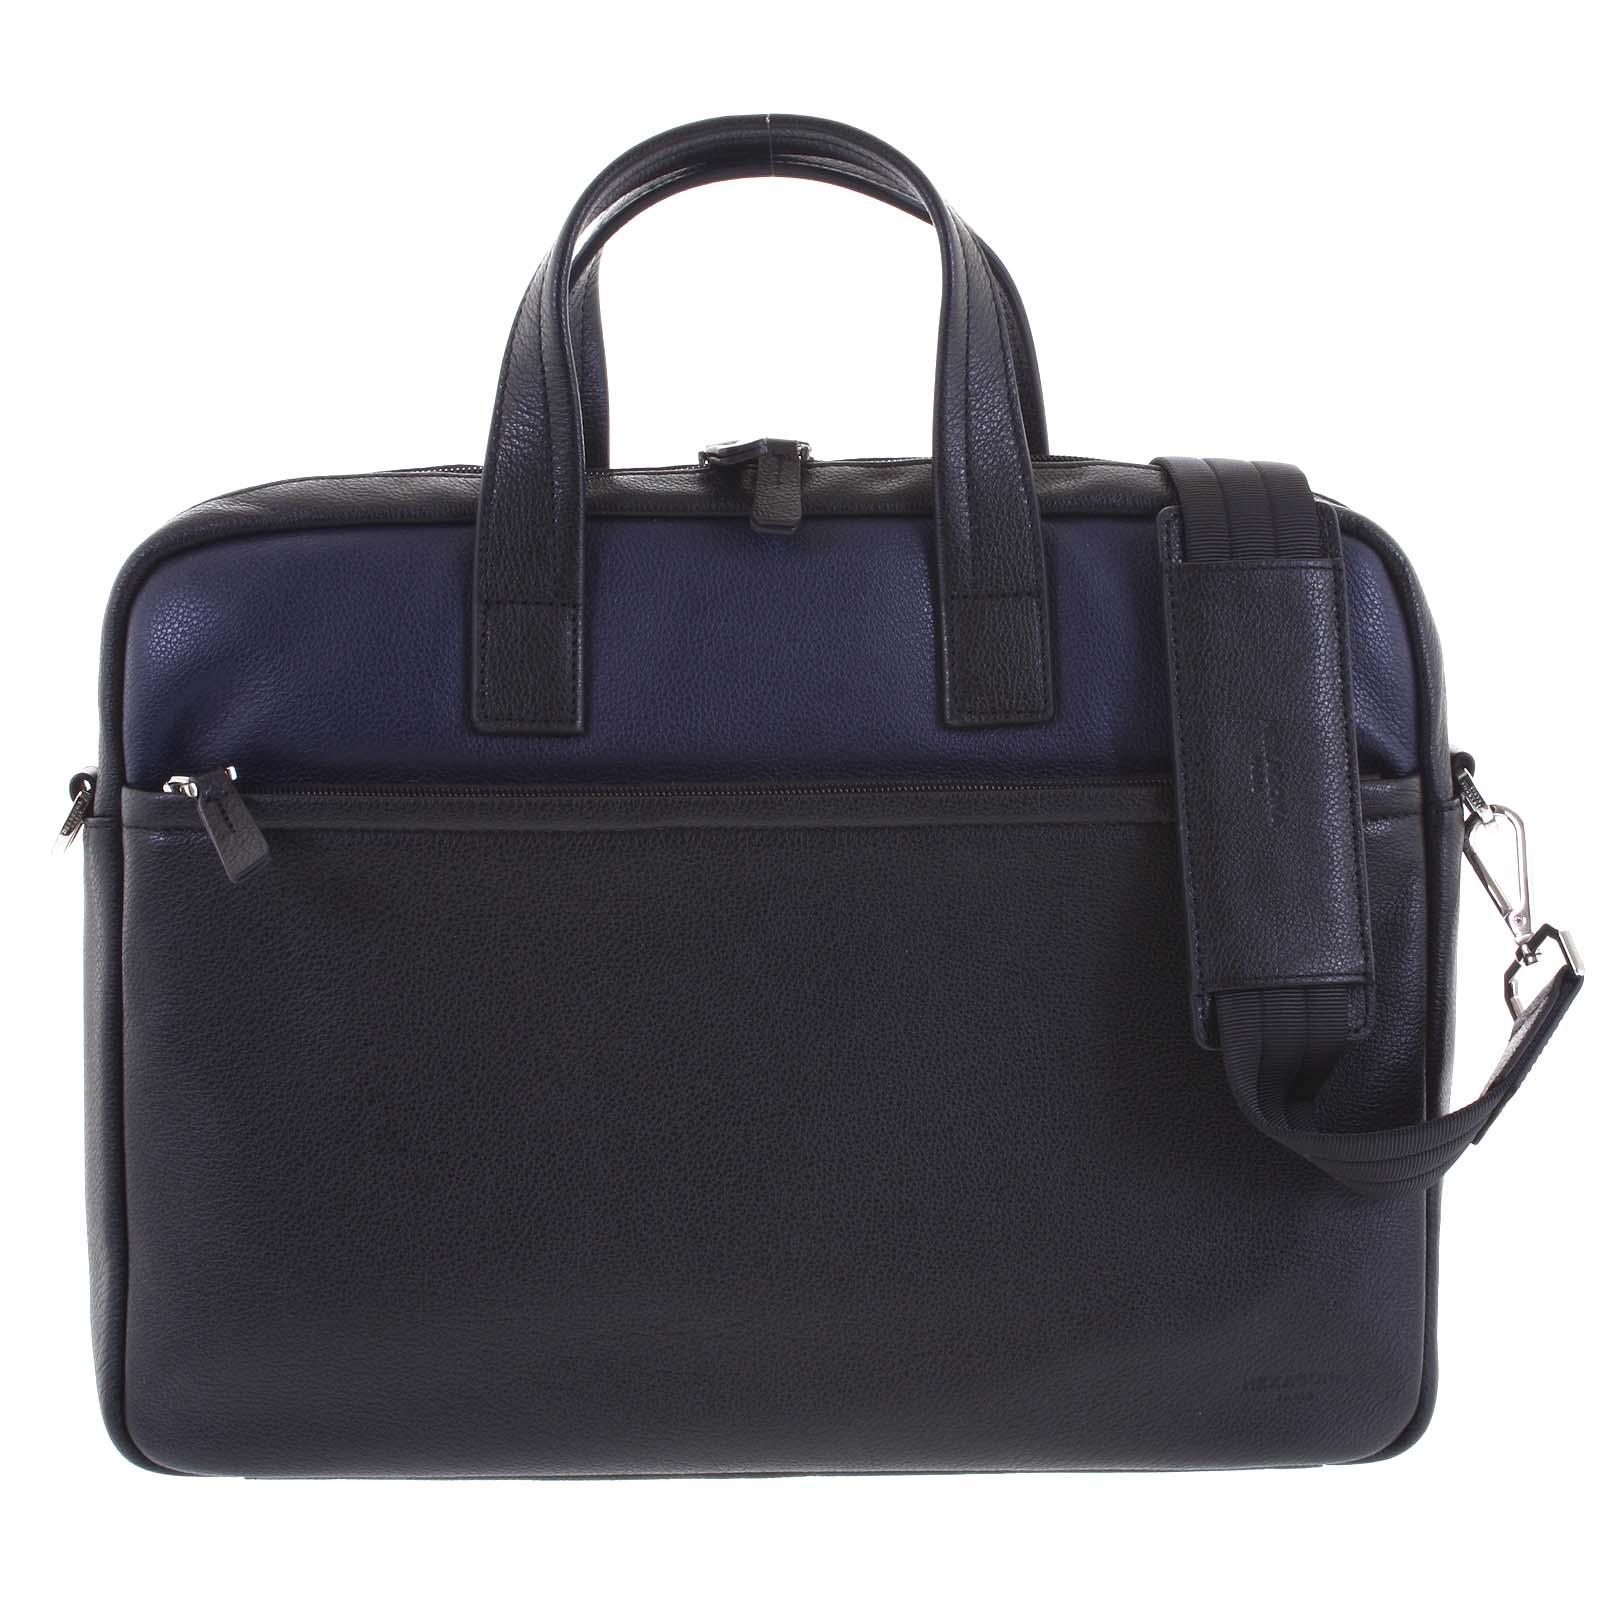 Luxusná Pánska kožená taška čierno modrá - Hexagona Friday